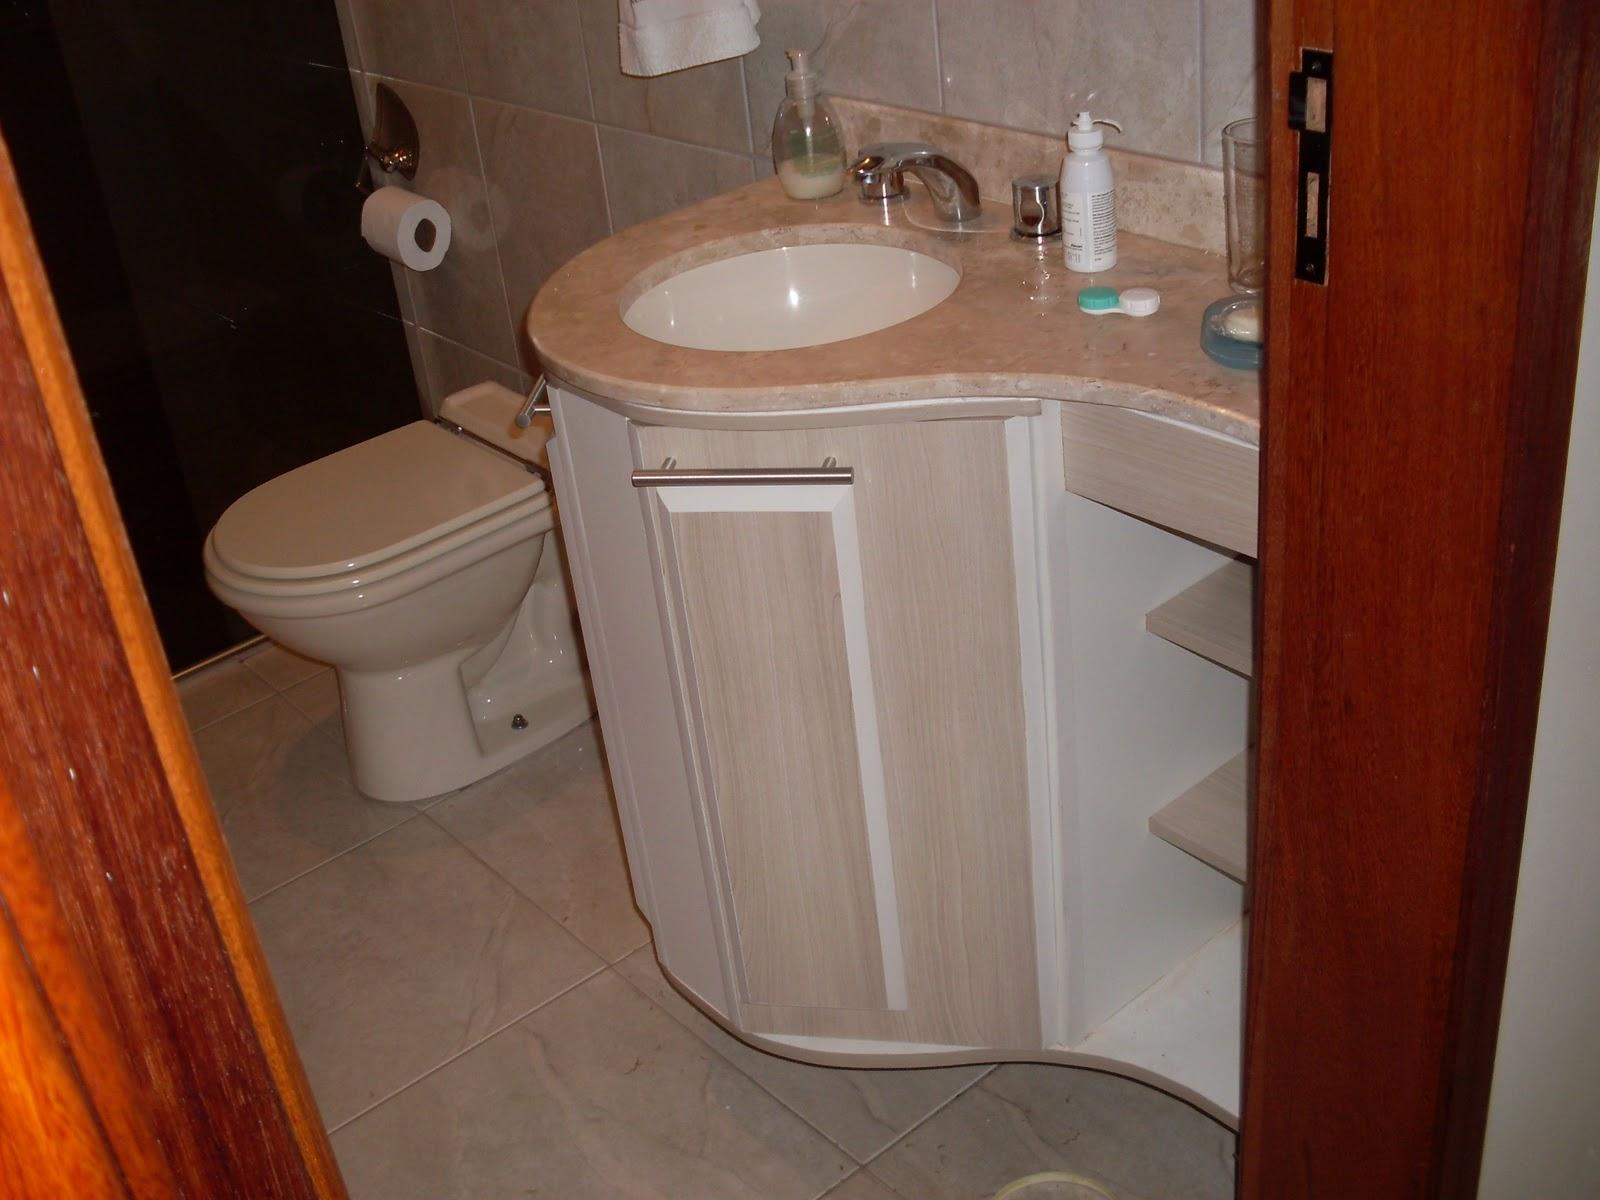 Marcenaria Mariano: gabinete de pia para banheiro e cozinha pranejada #C04505 1600 1200